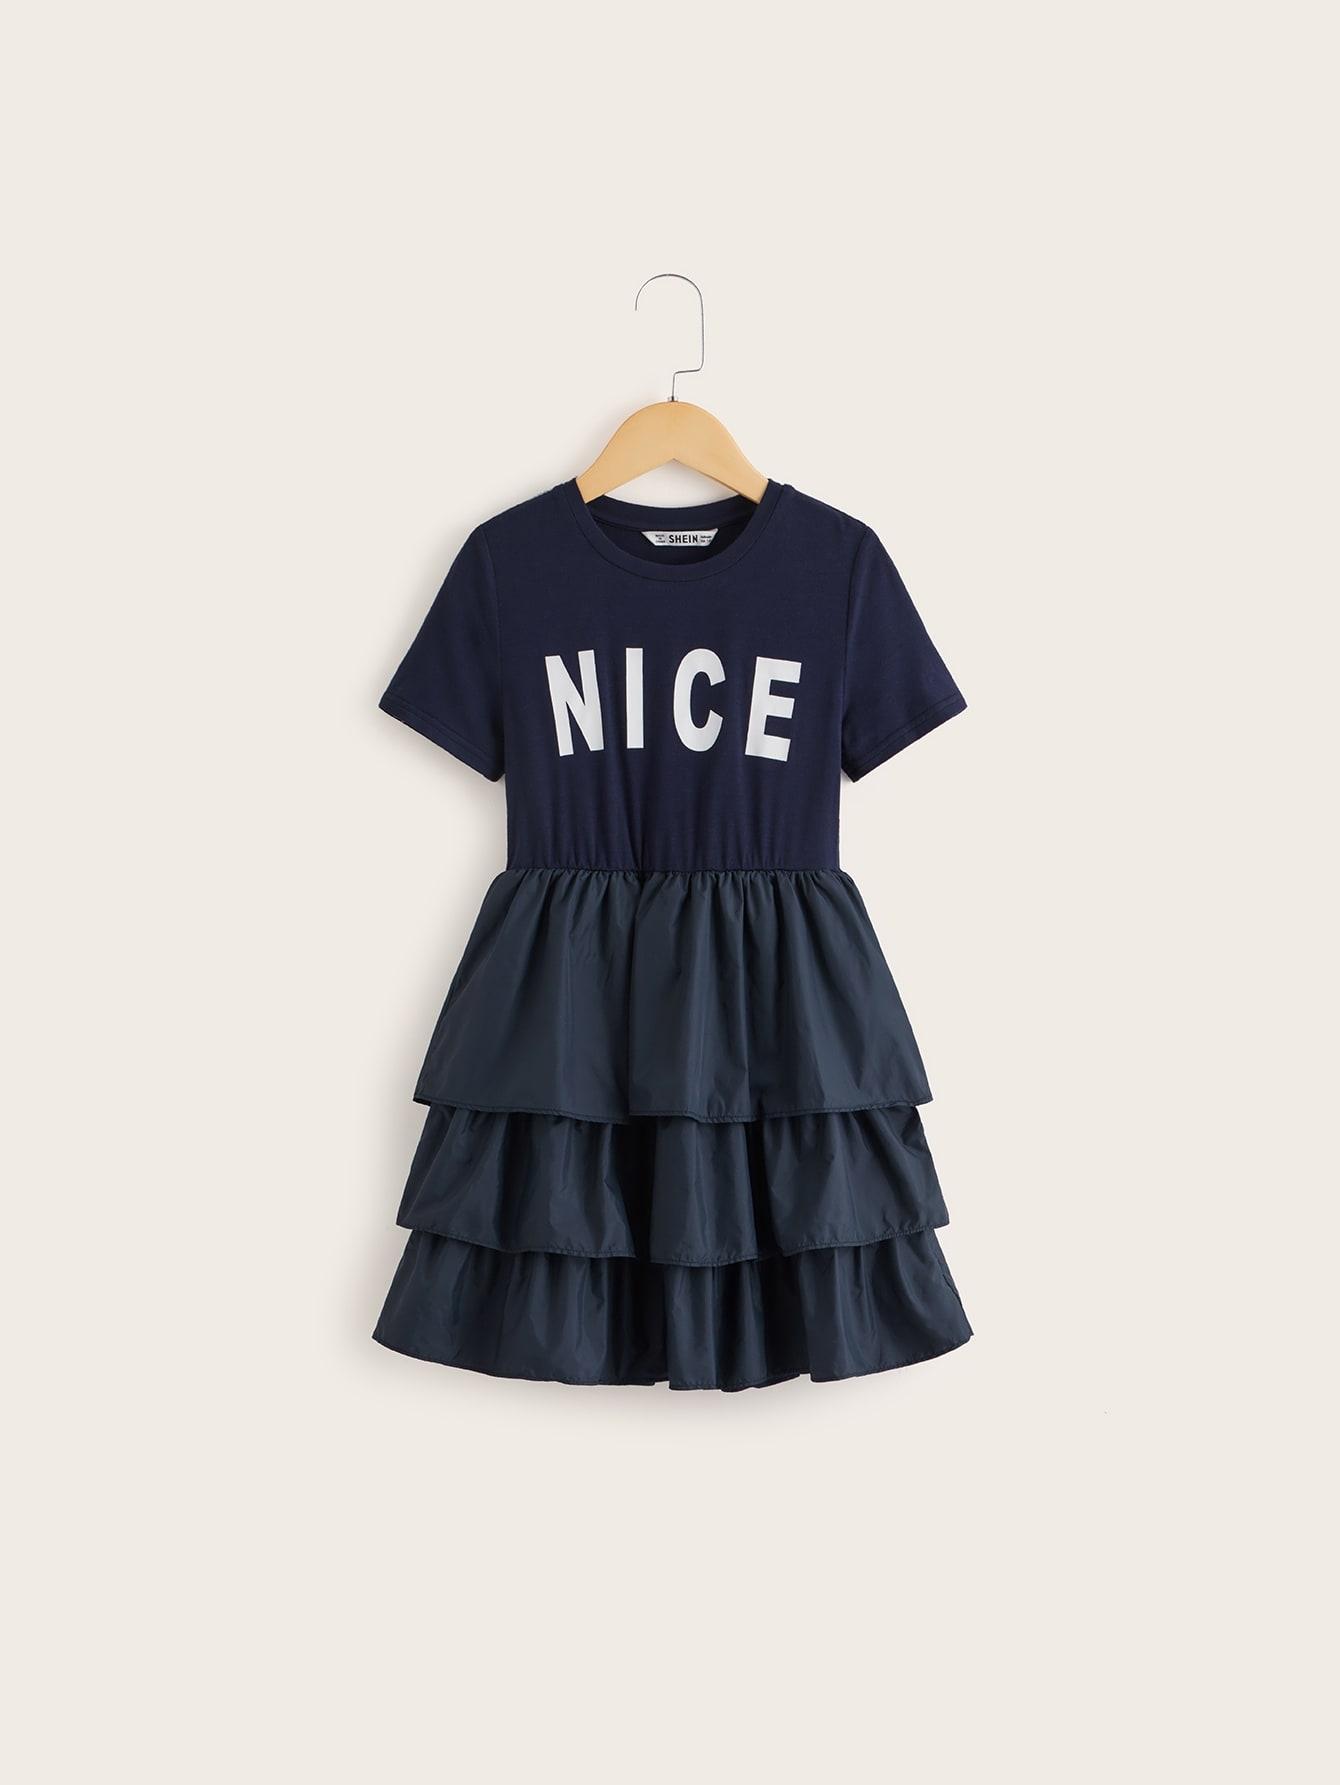 Фото - Платье с текстовым принтом для девочек от SheIn цвет тёмно-синие